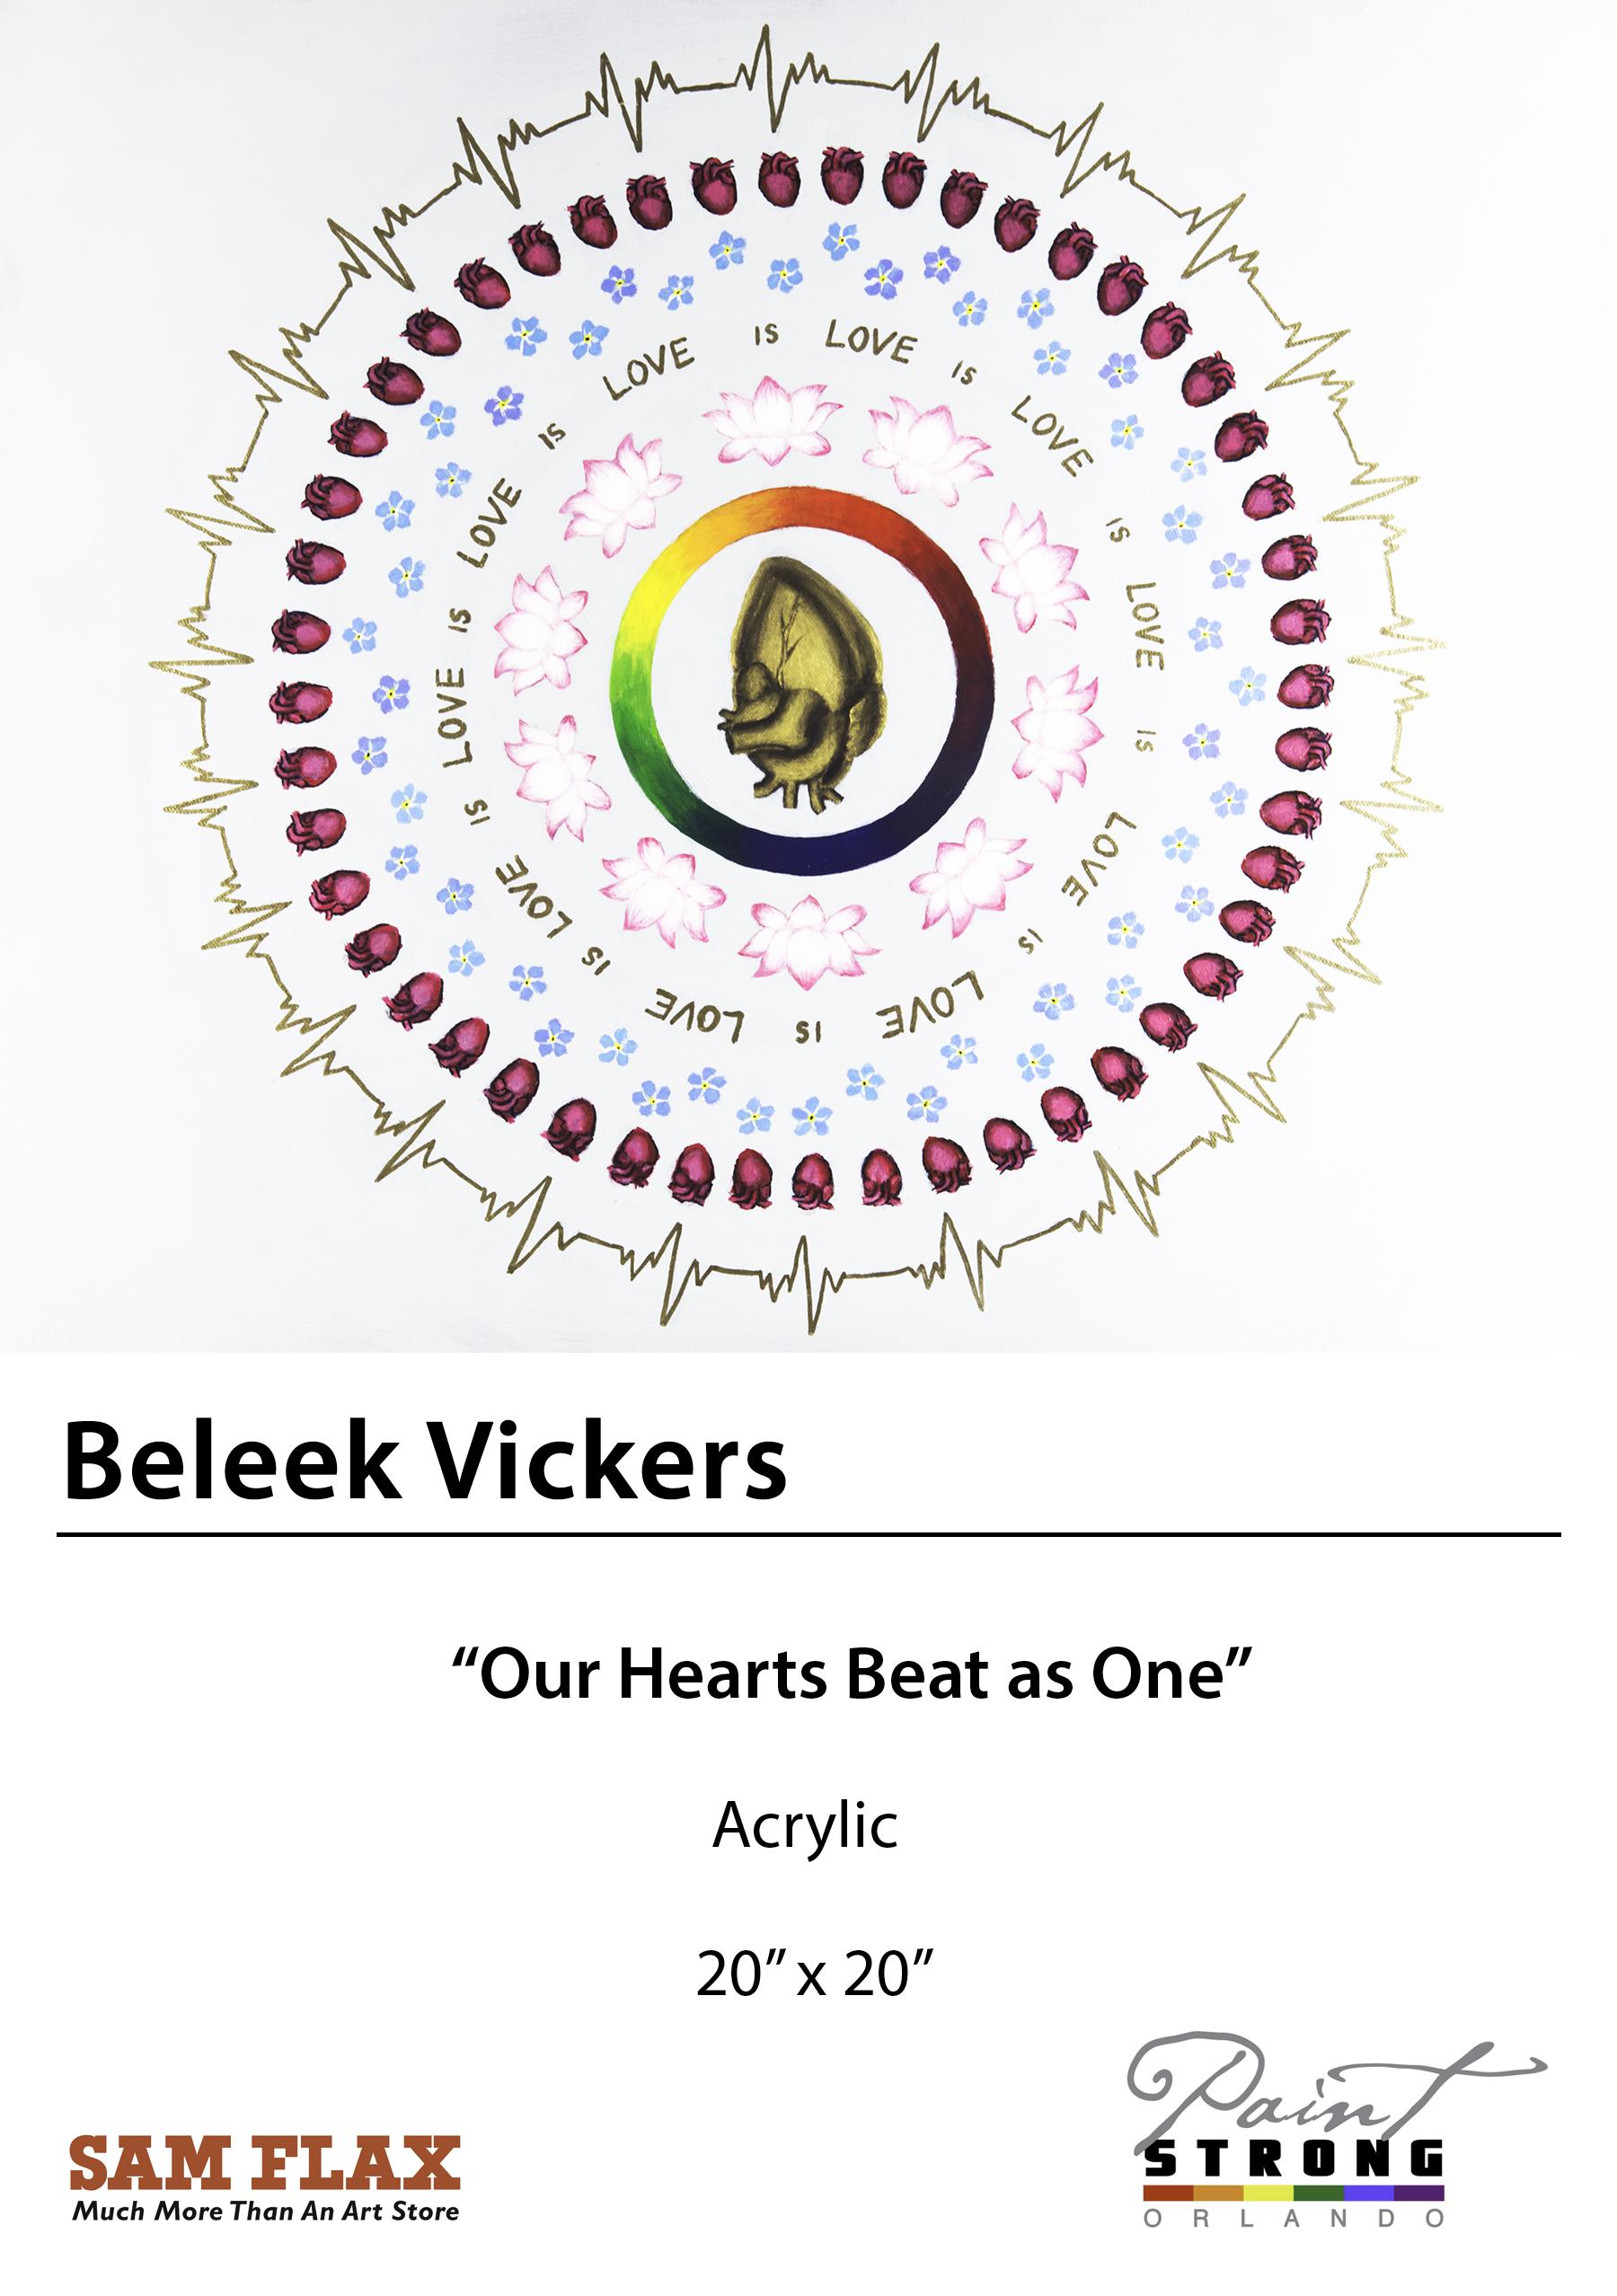 Beleek Vickers